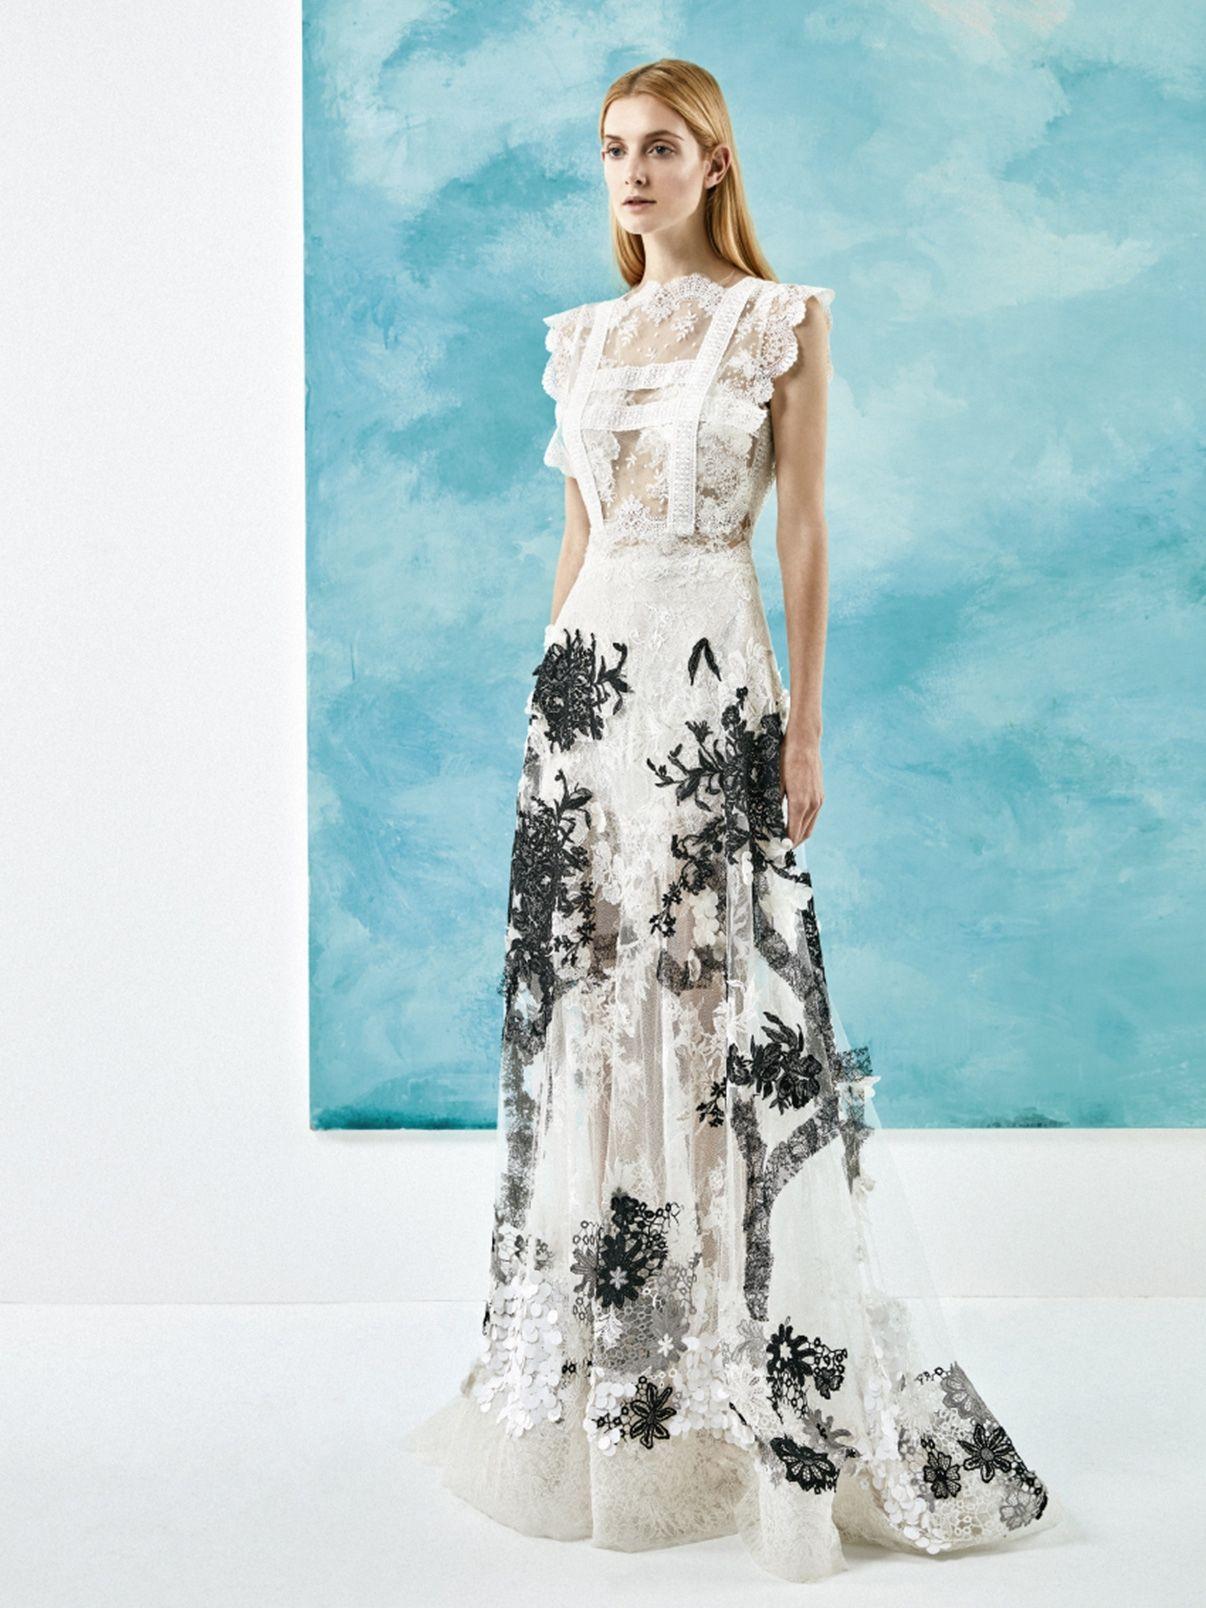 Fine Los Vestidos De Novia Mas Bonitos Contemporary - Wedding Ideas ...